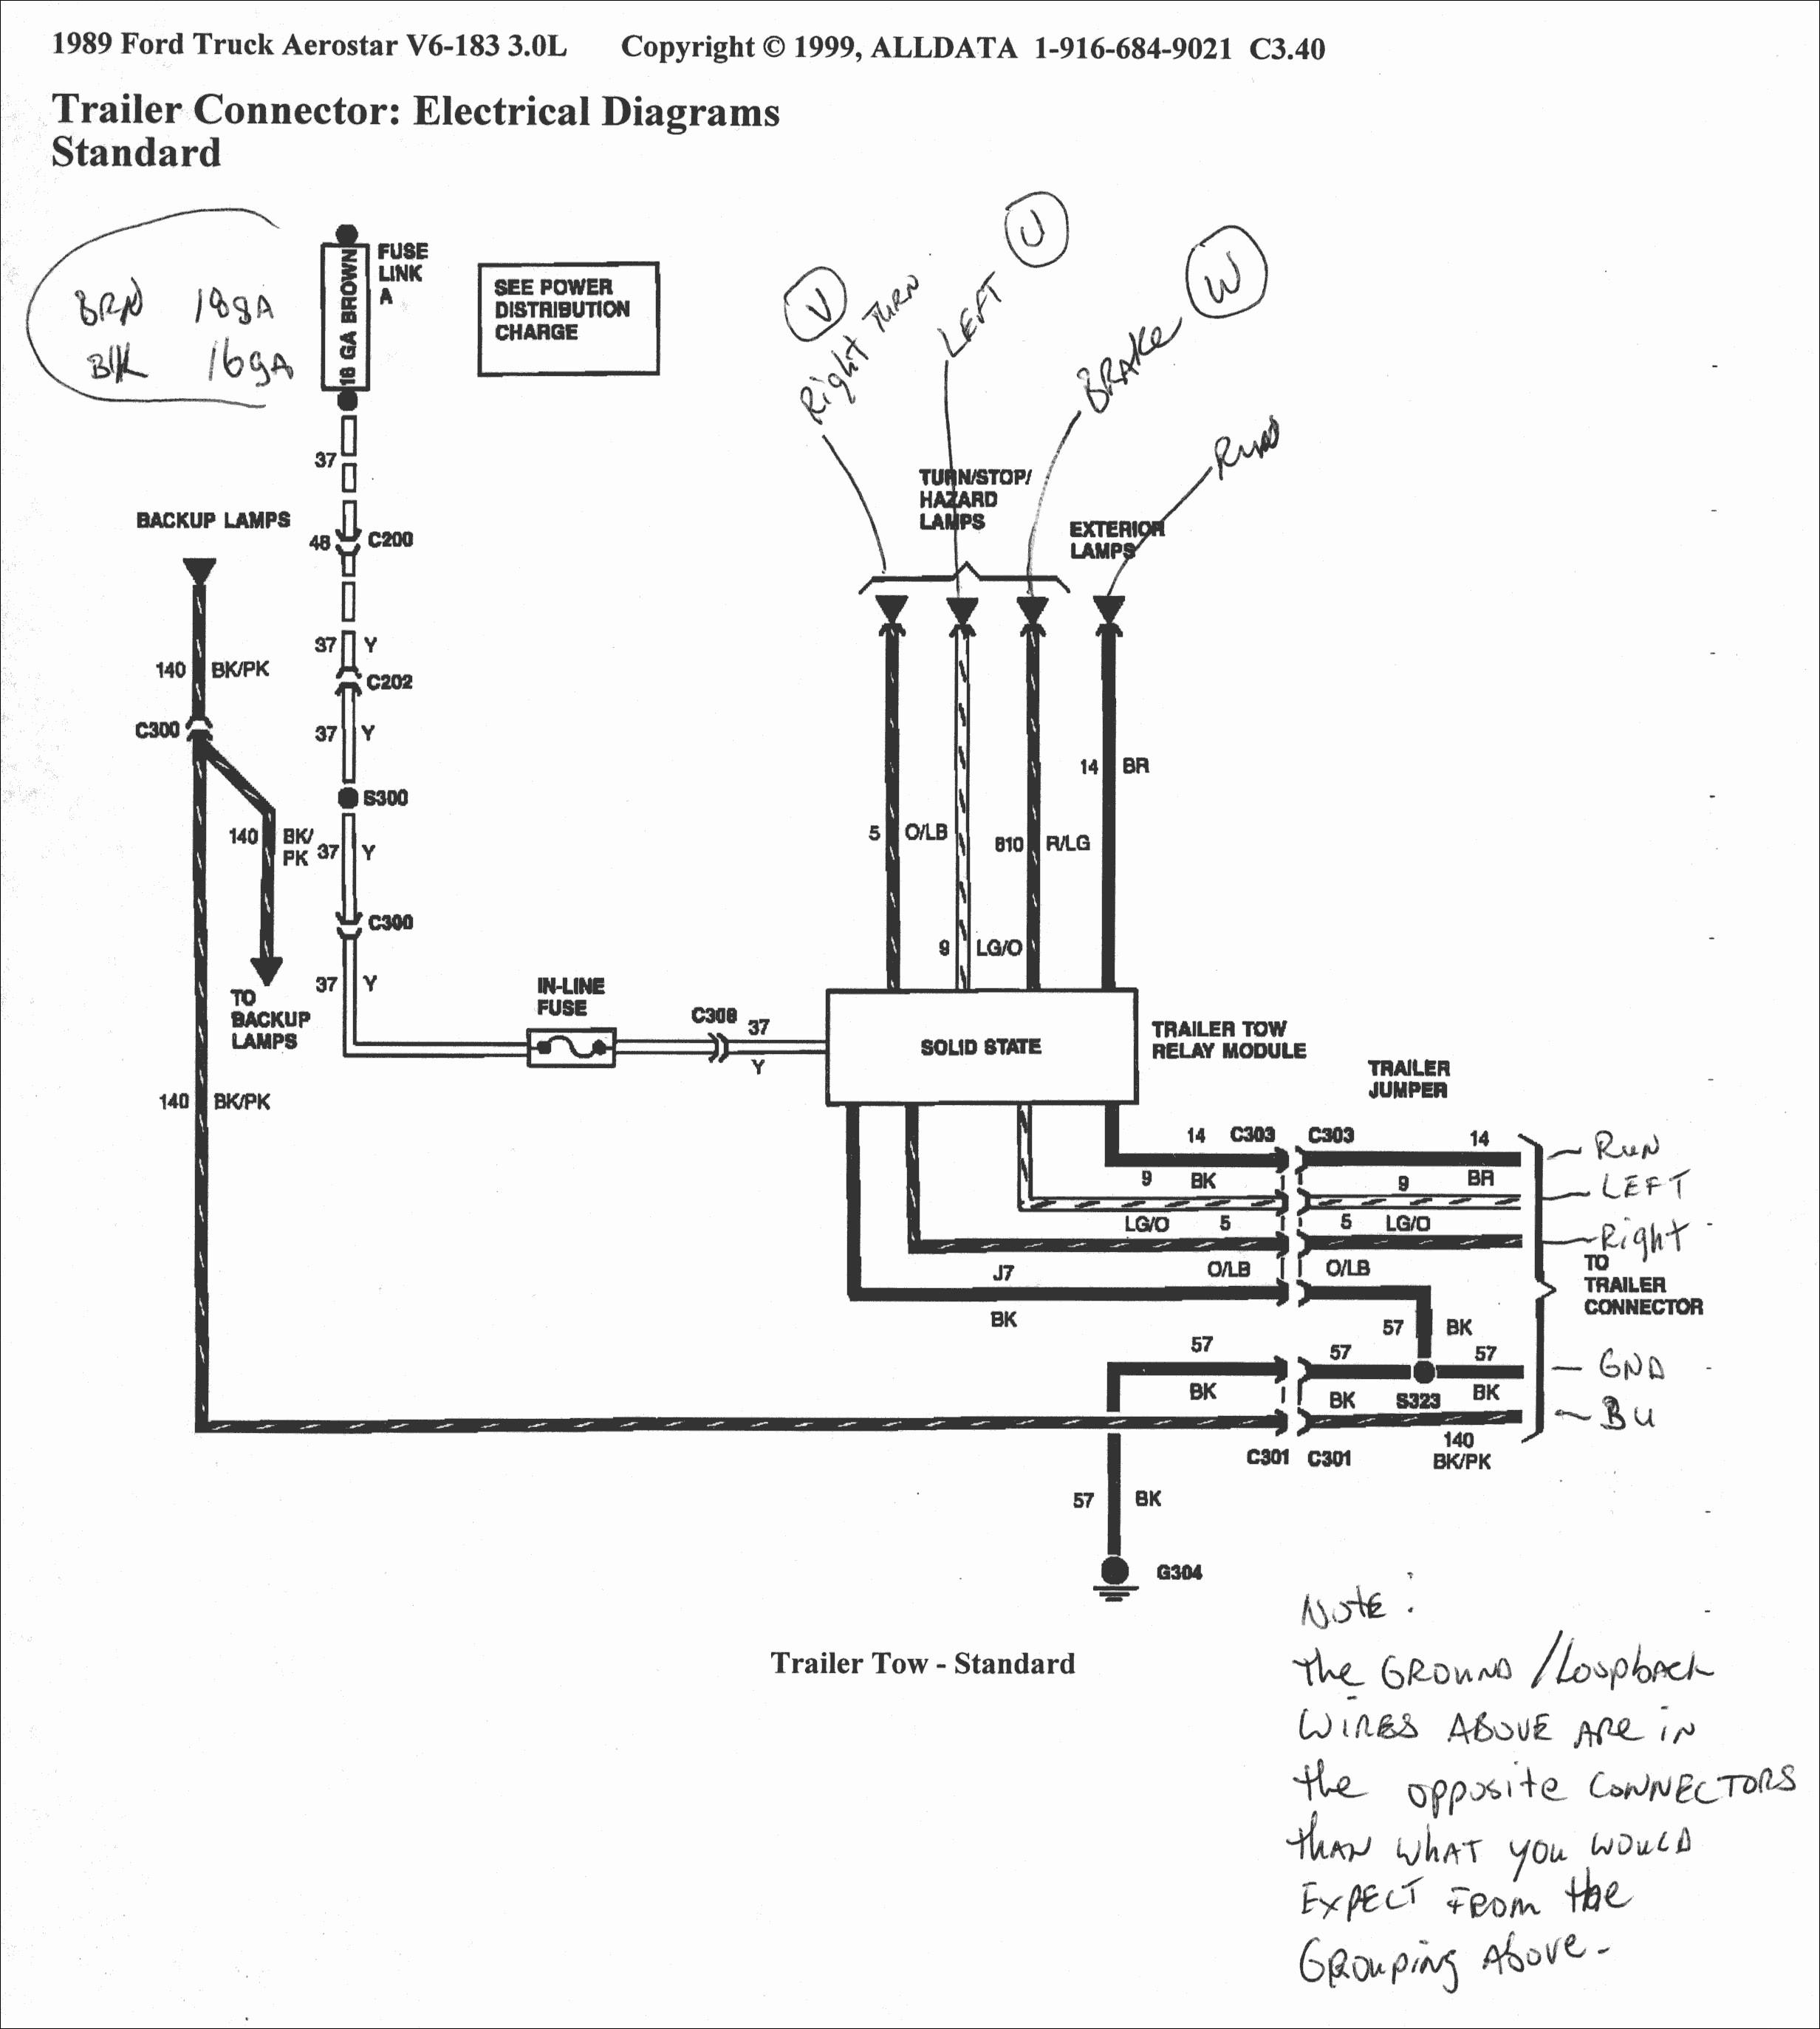 Club Car Golf Cart Wiring Diagram Luxury 93 Club Car Wiring Diagram Club Car Wiring Diagram